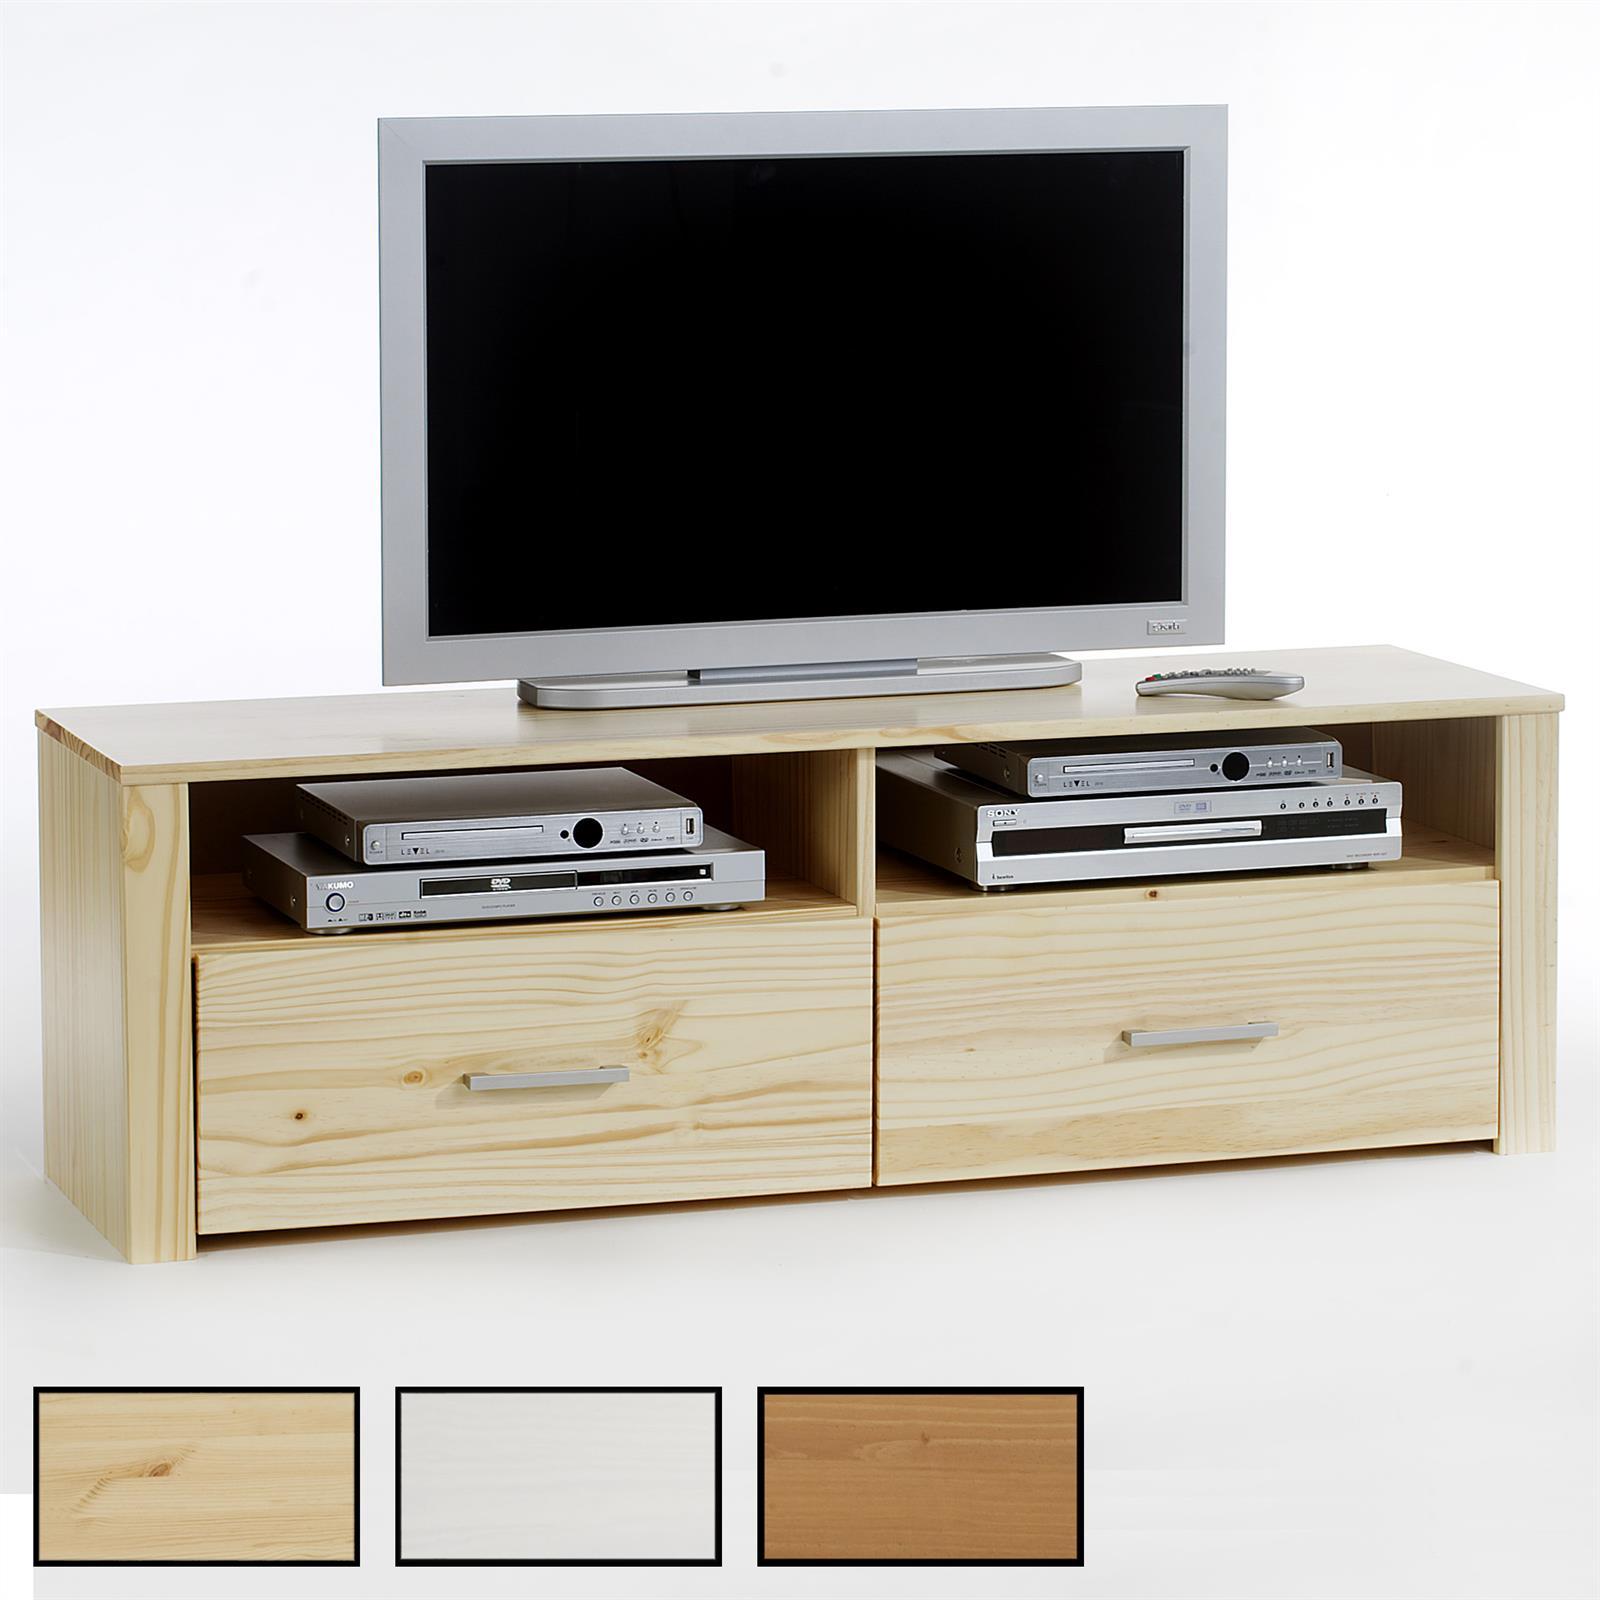 Meuble tv en pin tenno 2 tiroirs 2 niches 3 coloris for Meuble tv pin